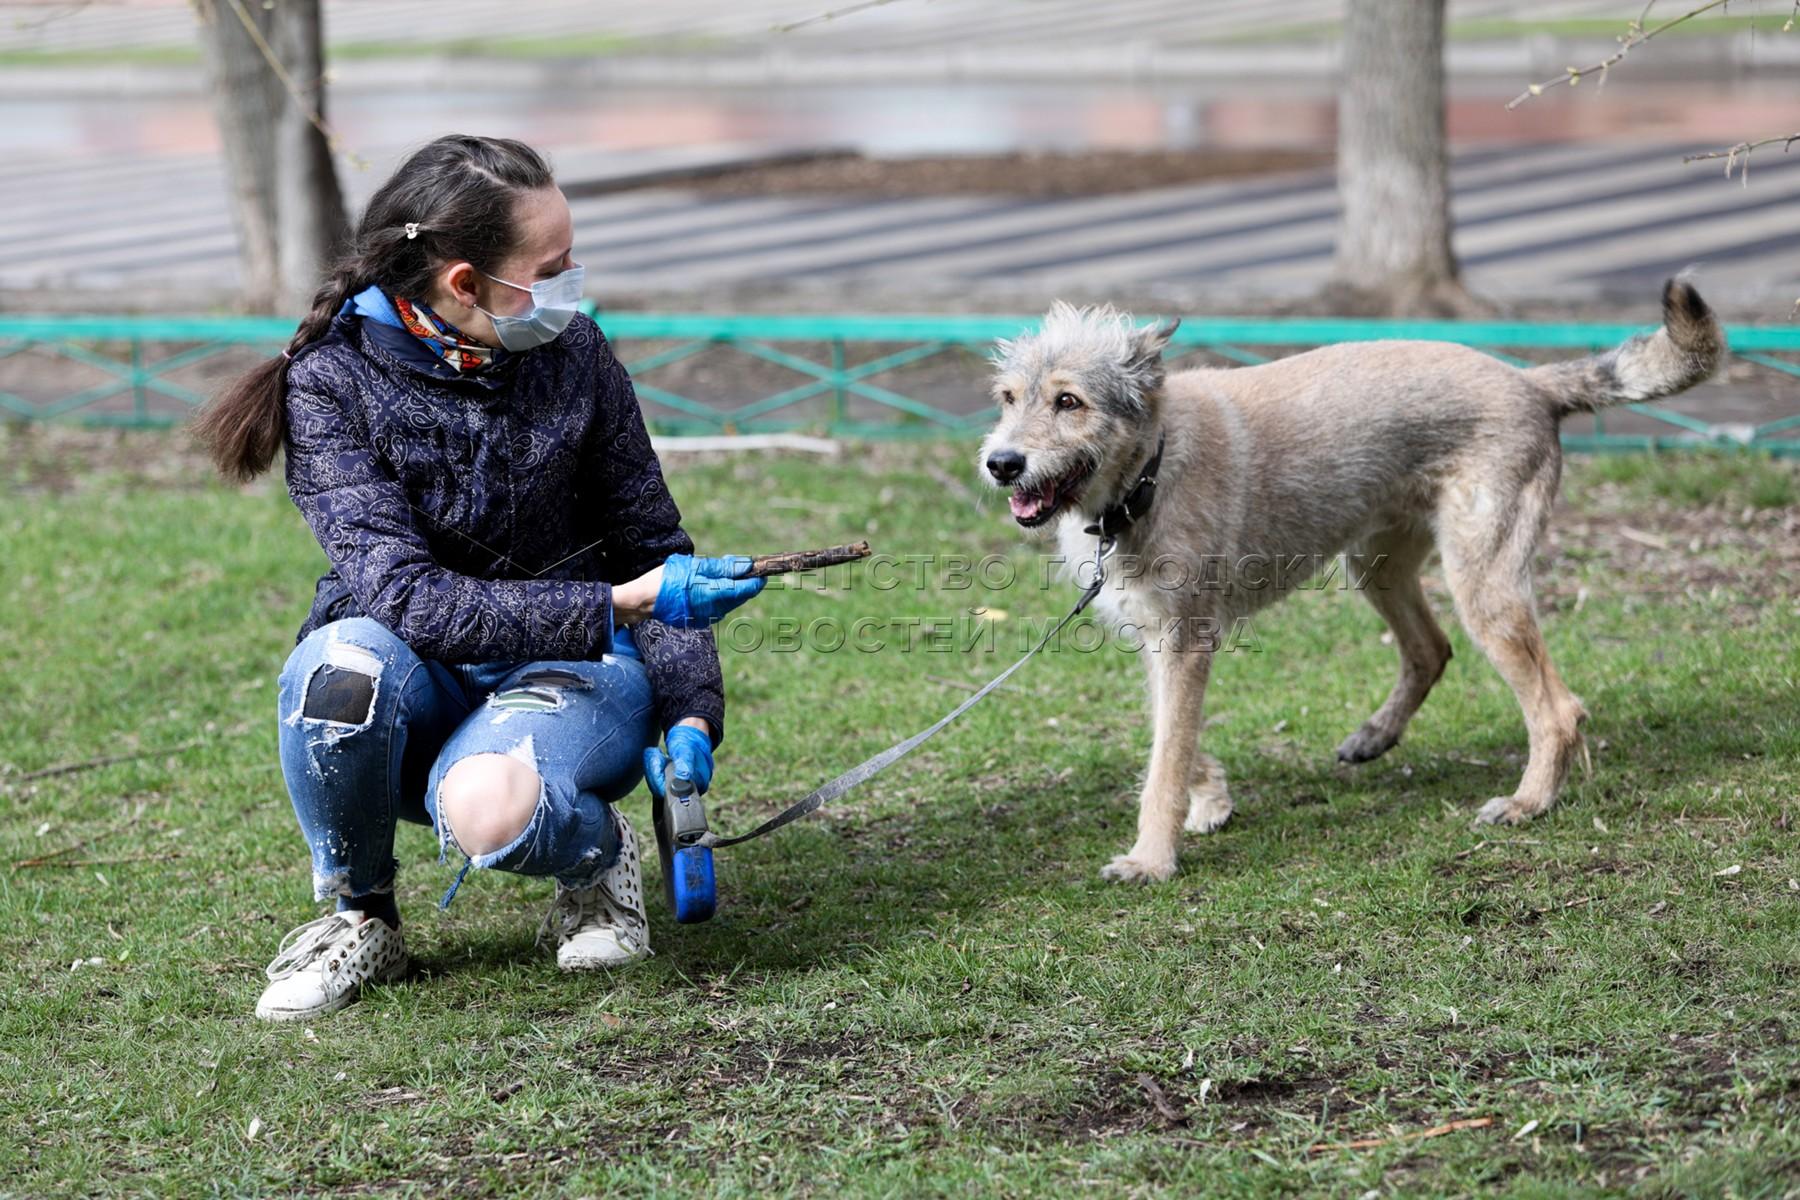 Выгул собак добровольцами проекта «Социальный волонтер» центра «Моя карьера» для москвичей, находящихся на самоизоляции.